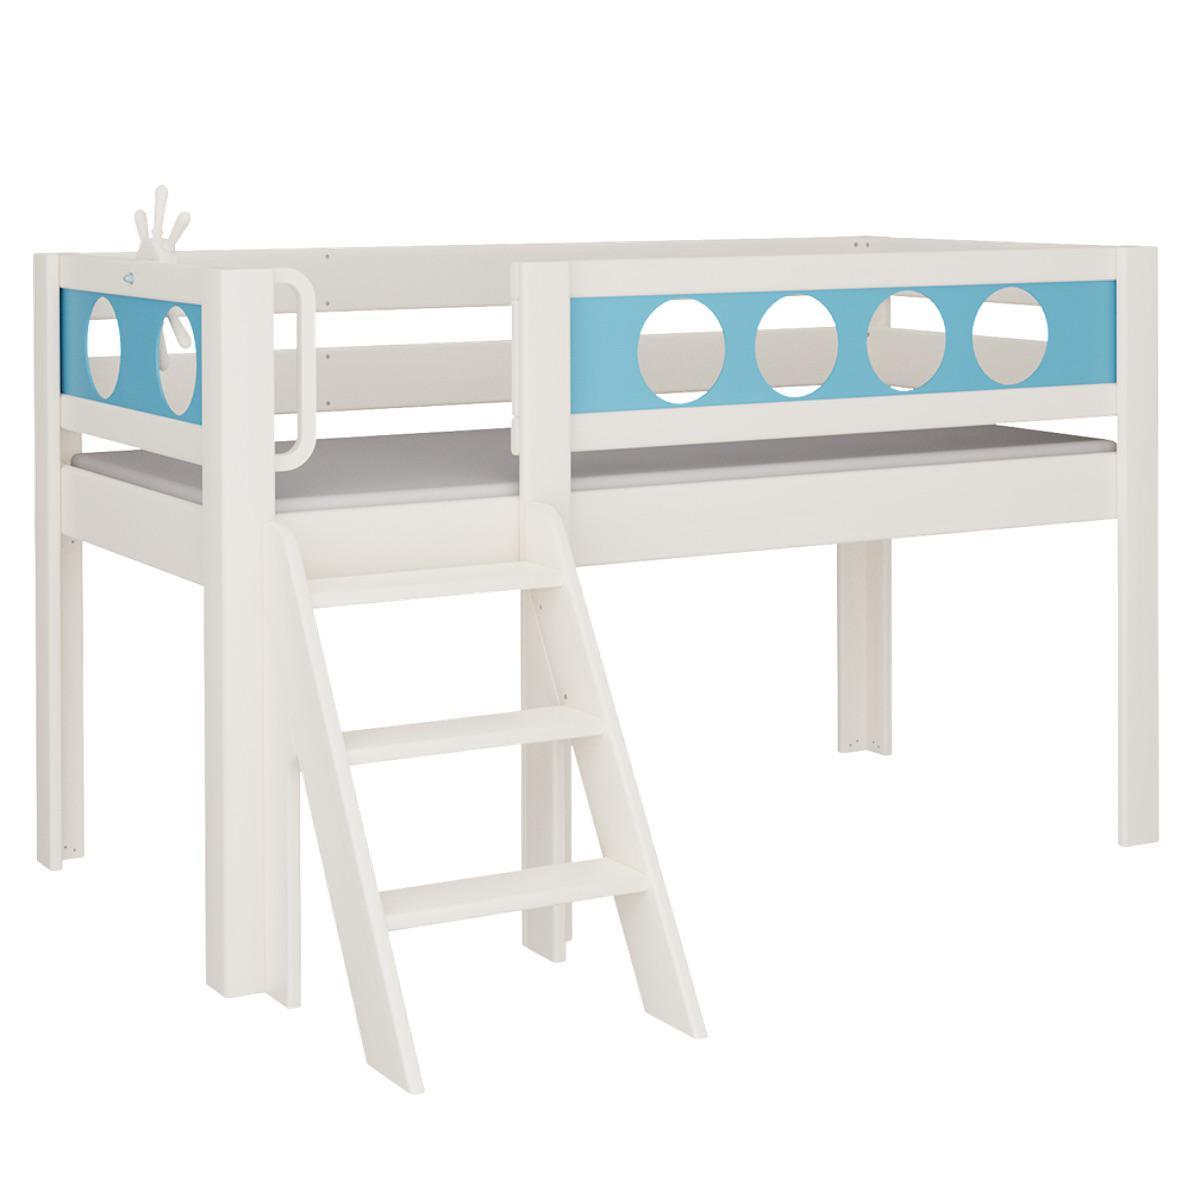 Pirat halbhohes Bett mit Treppe DELUXE De Breuyn weiß Füllungen blau